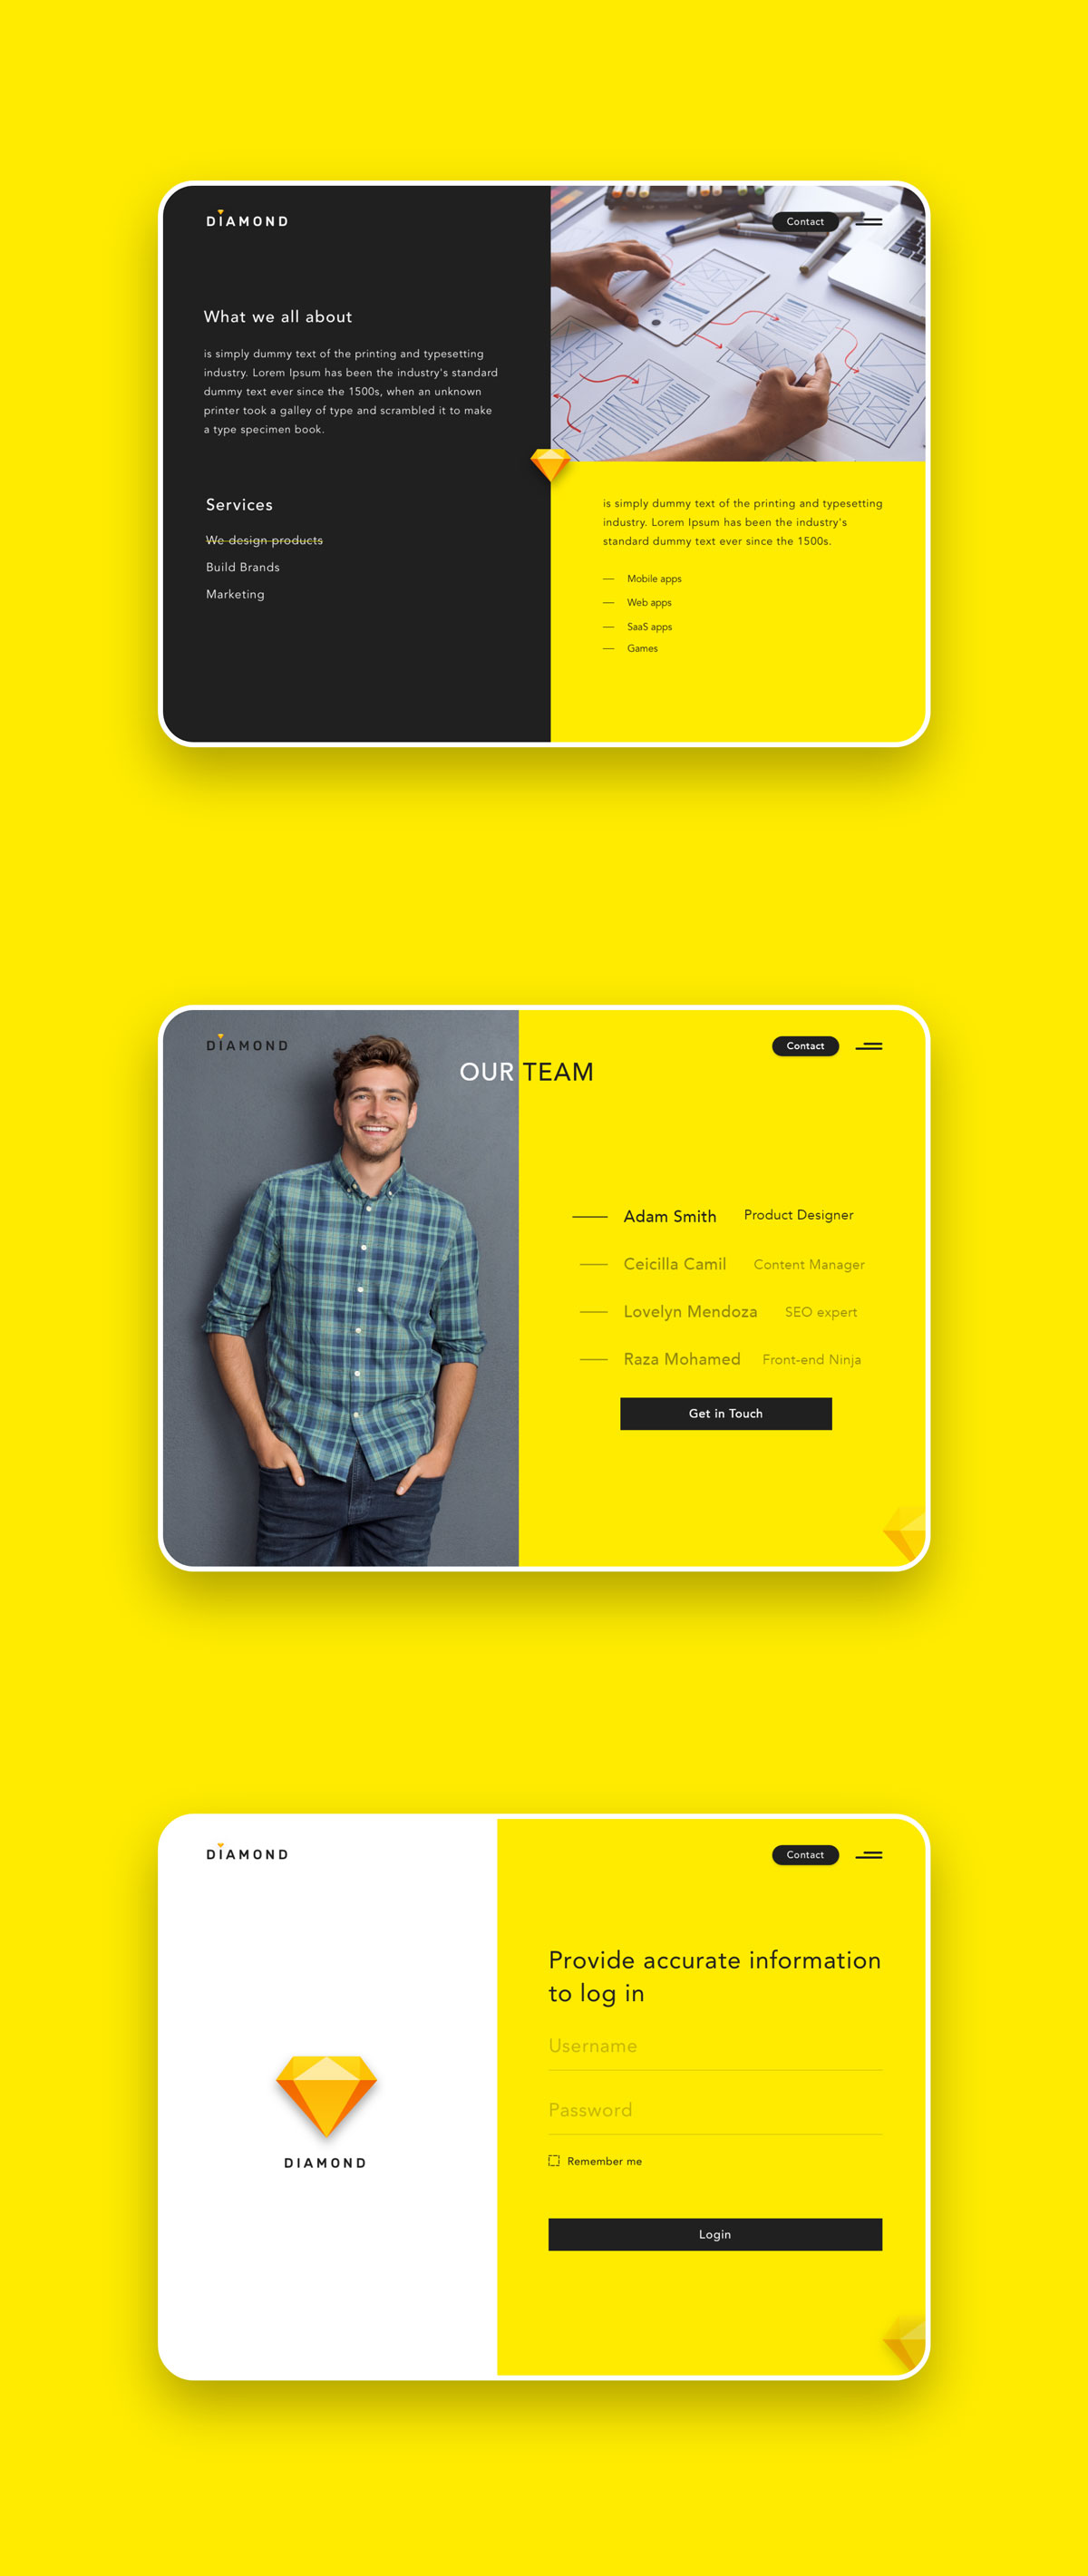 创意简洁公司网站WEB UI界面设计模板套件 Diamond UI Web Template插图(8)